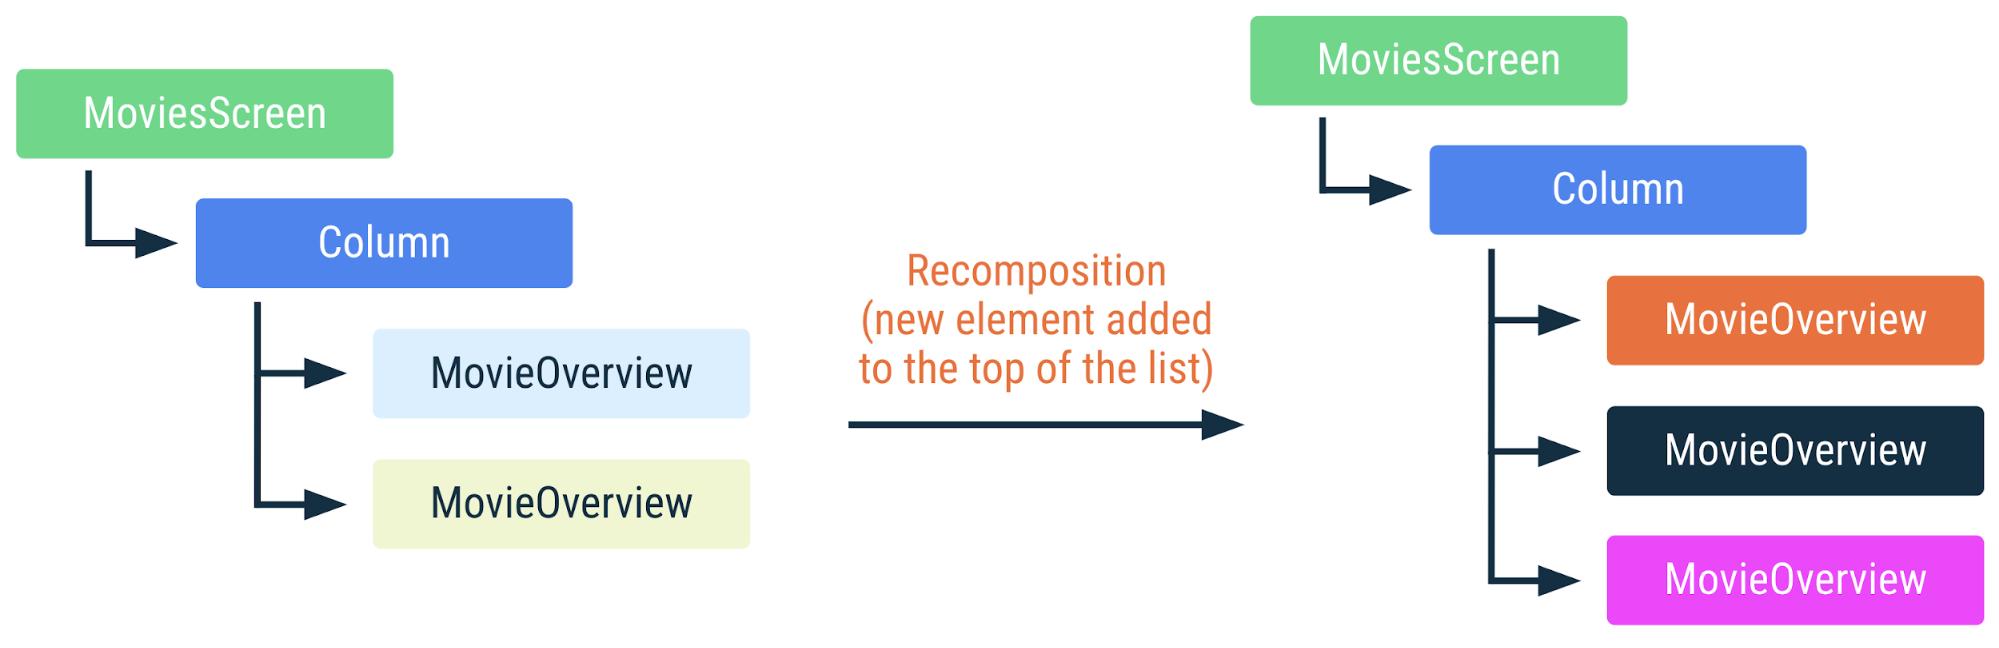 목록의 상단에 새 요소가 추가된 경우 앞의 코드가 재구성되는 방식을 보여주는 다이어그램. 목록에 있는 다른 모든 항목의 위치가 변경되며 재구성해야 합니다.